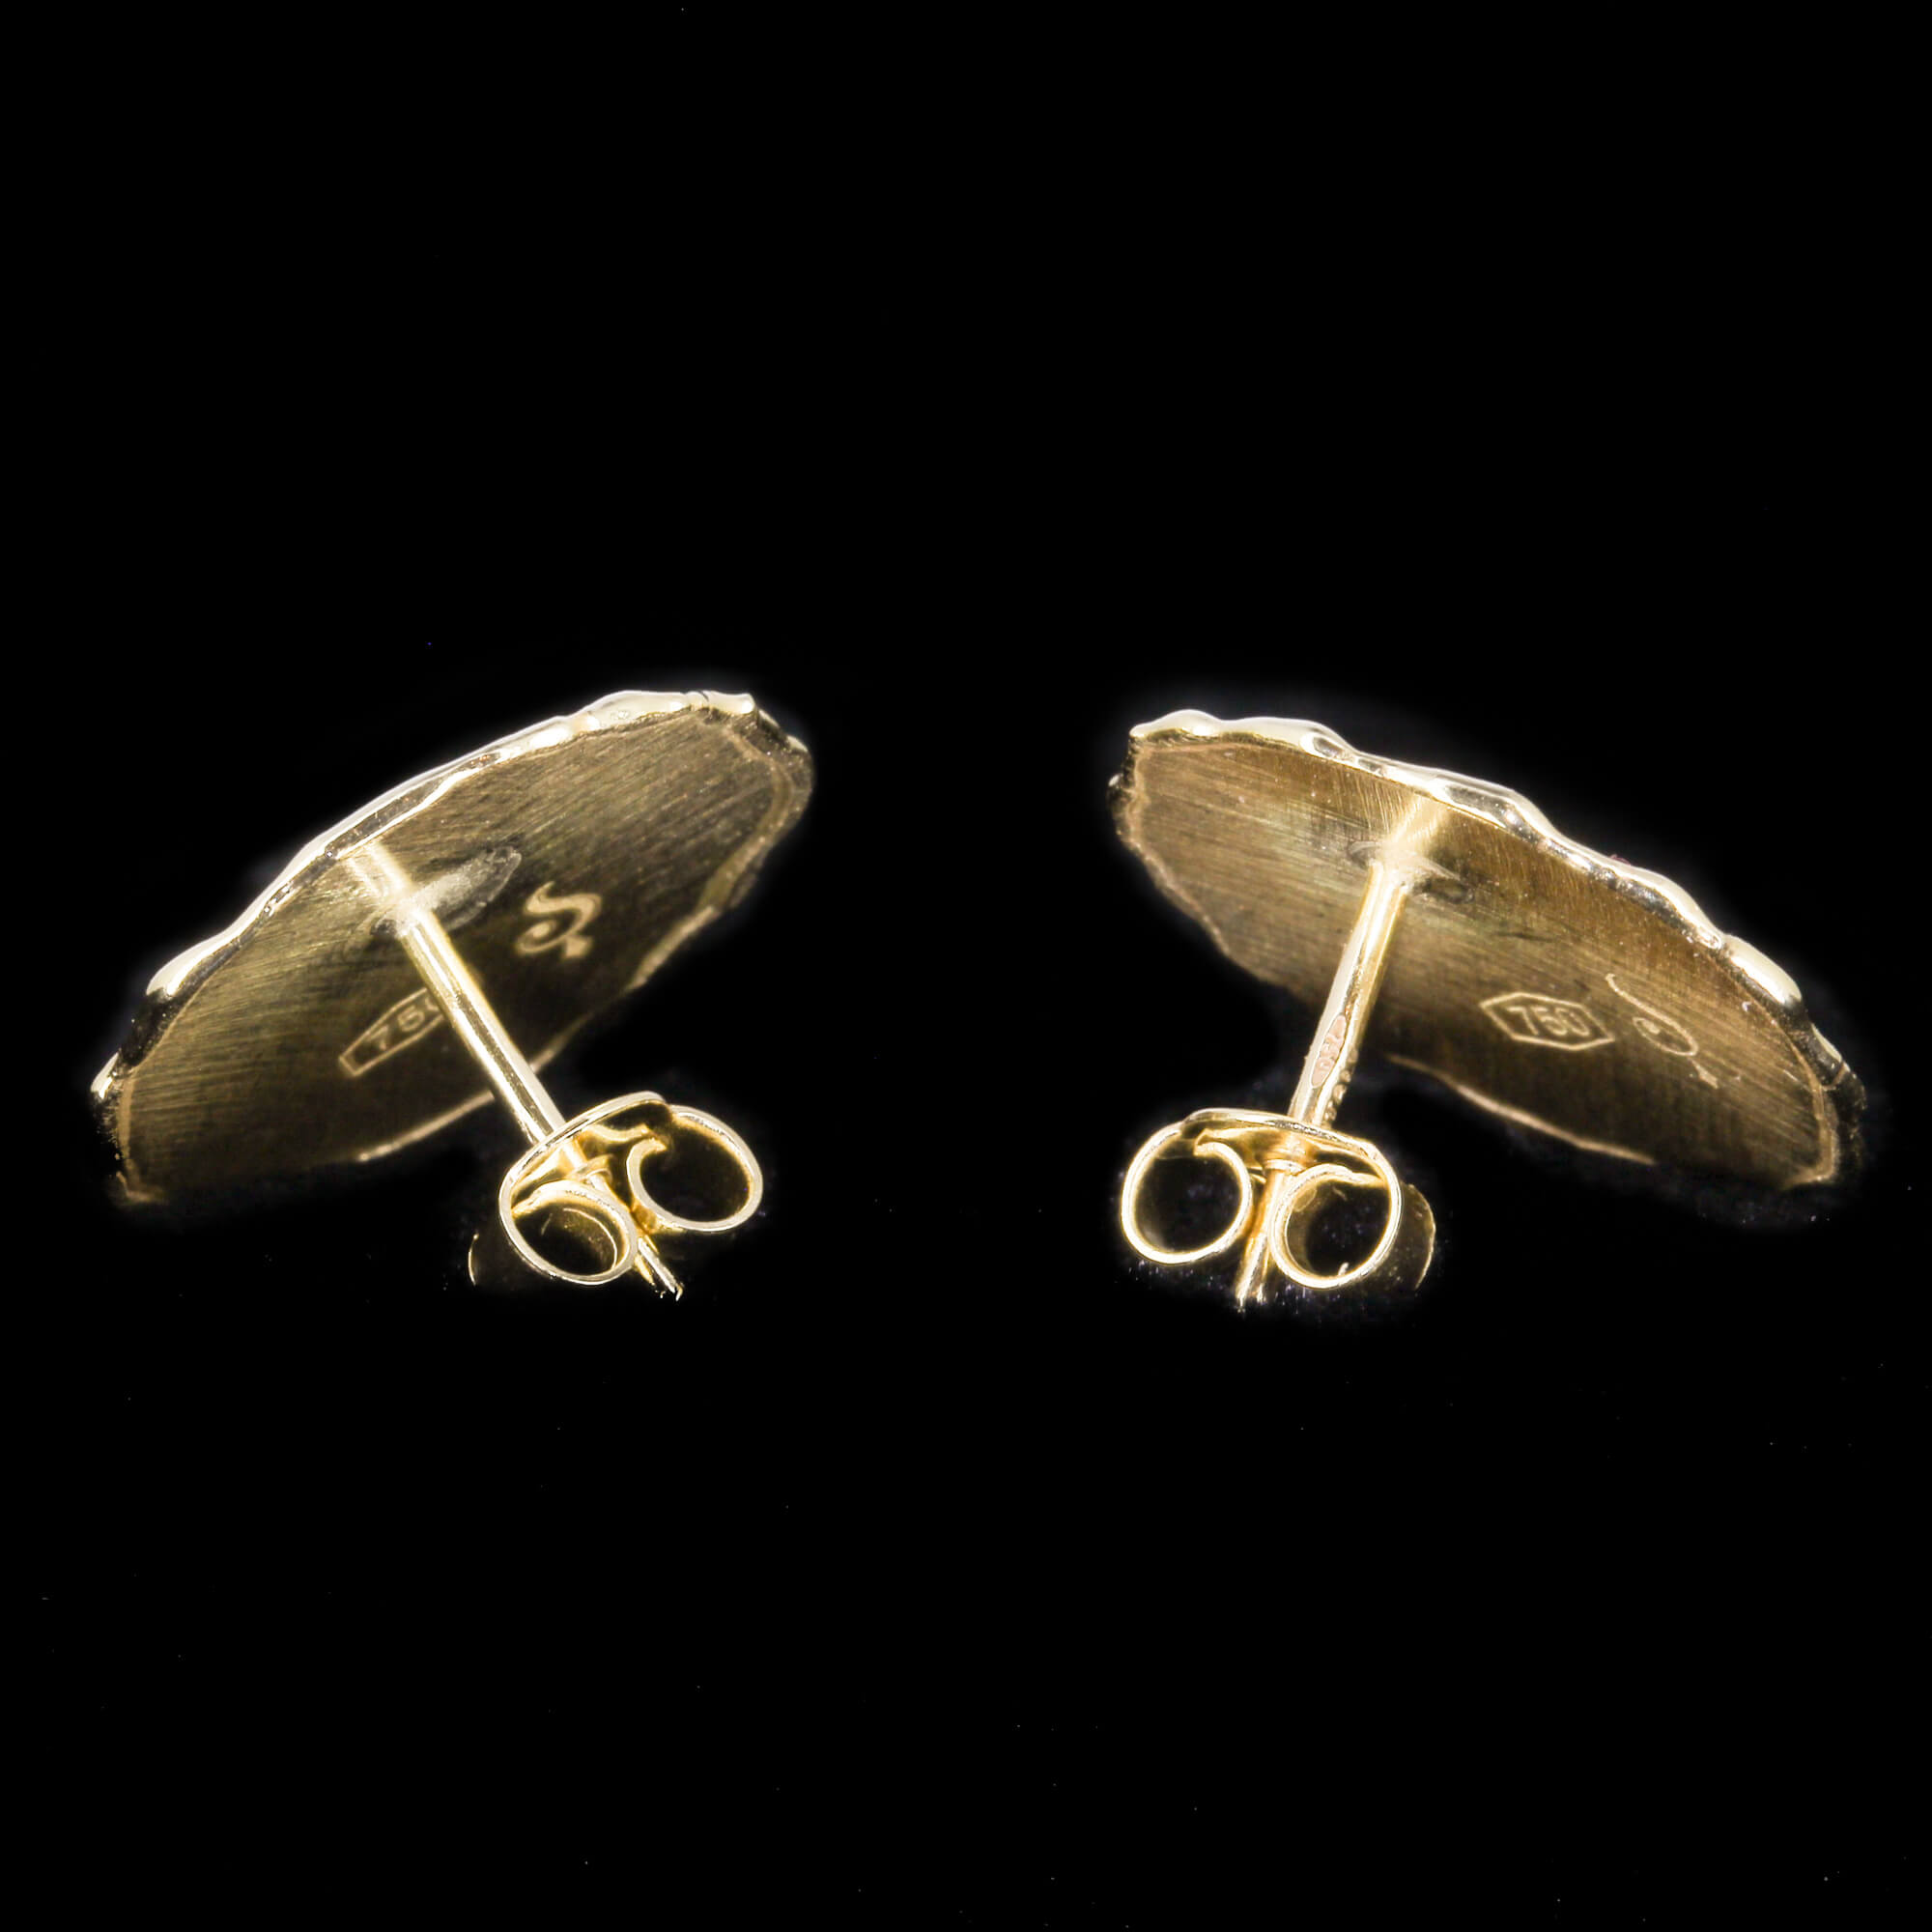 Kleine ronde en ongehamerde oorbellen van 18kt goud